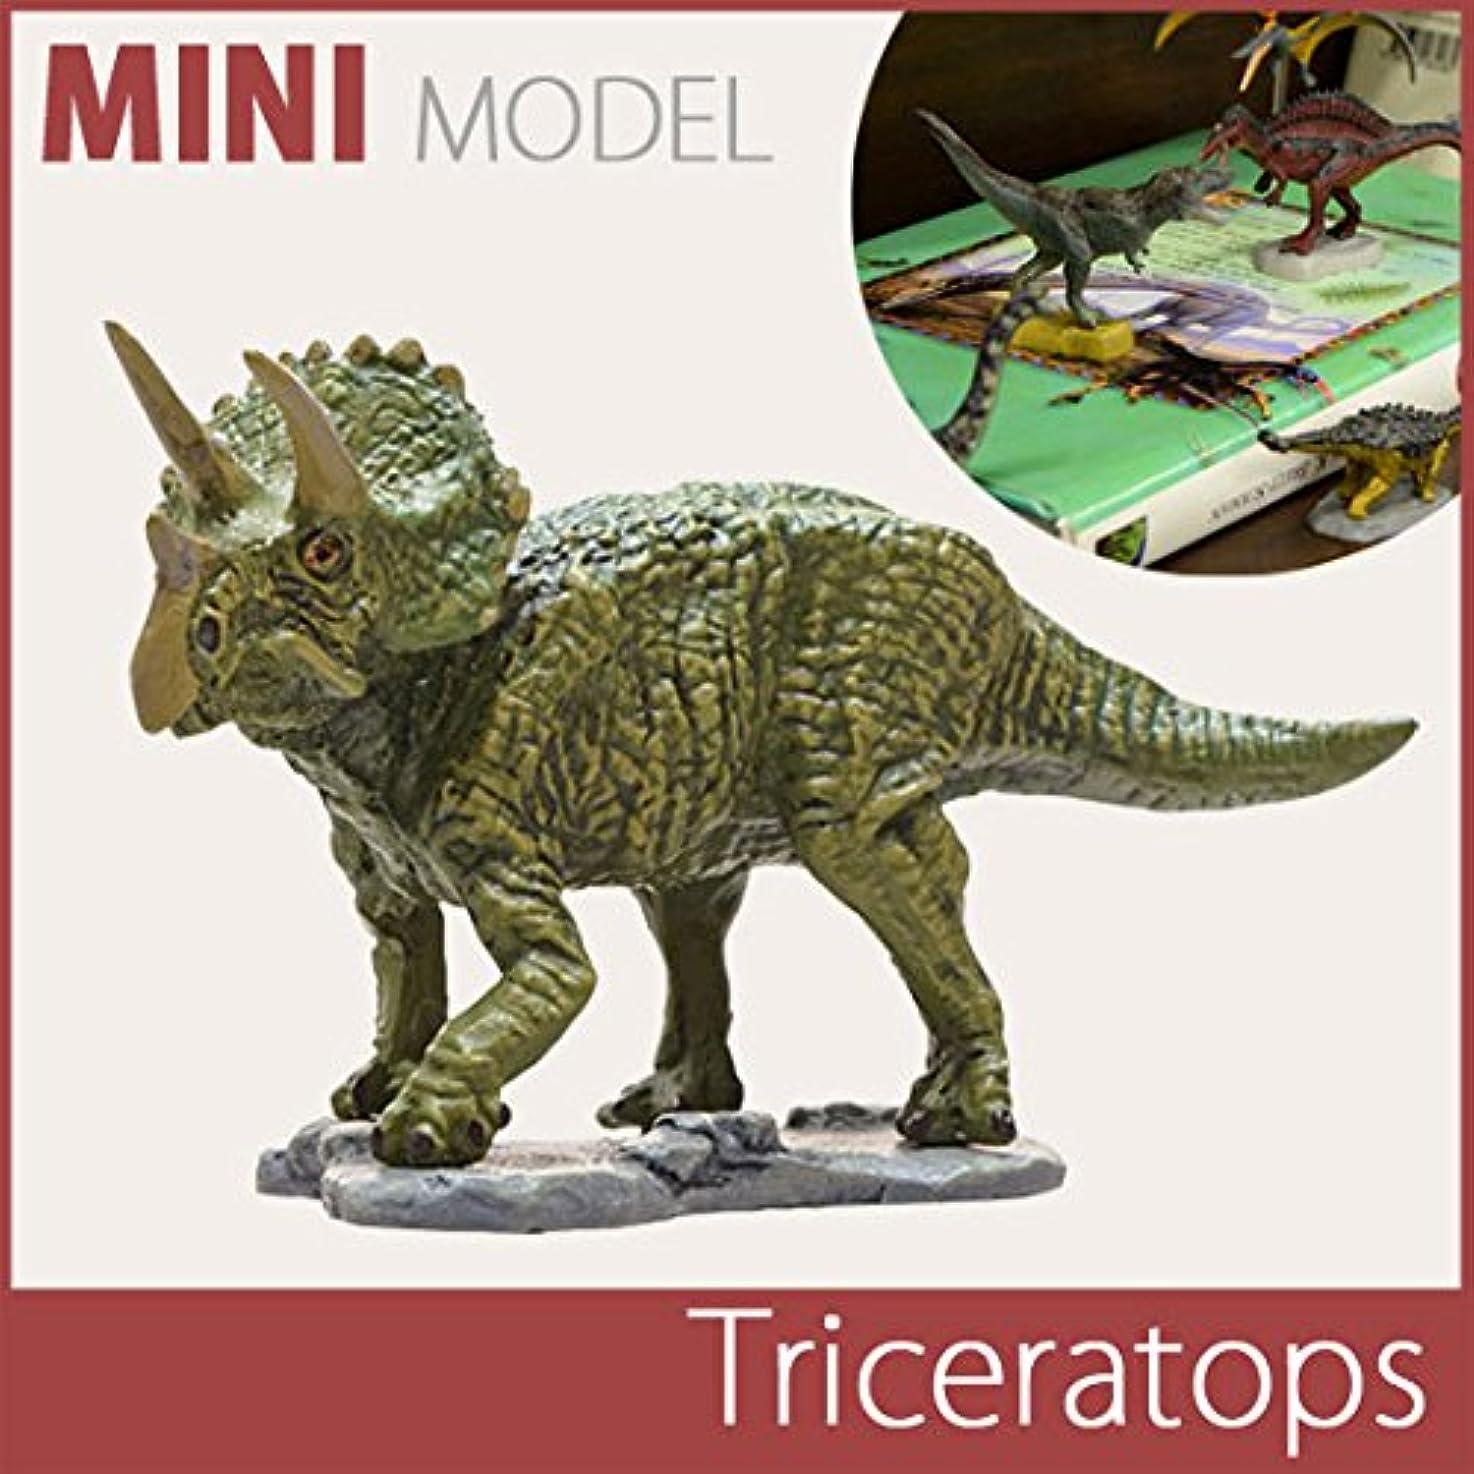 後退する師匠気がついてFAVORITE(フェバリット) 恐竜フィギュア 恐竜ミニモデル トリケラトプス